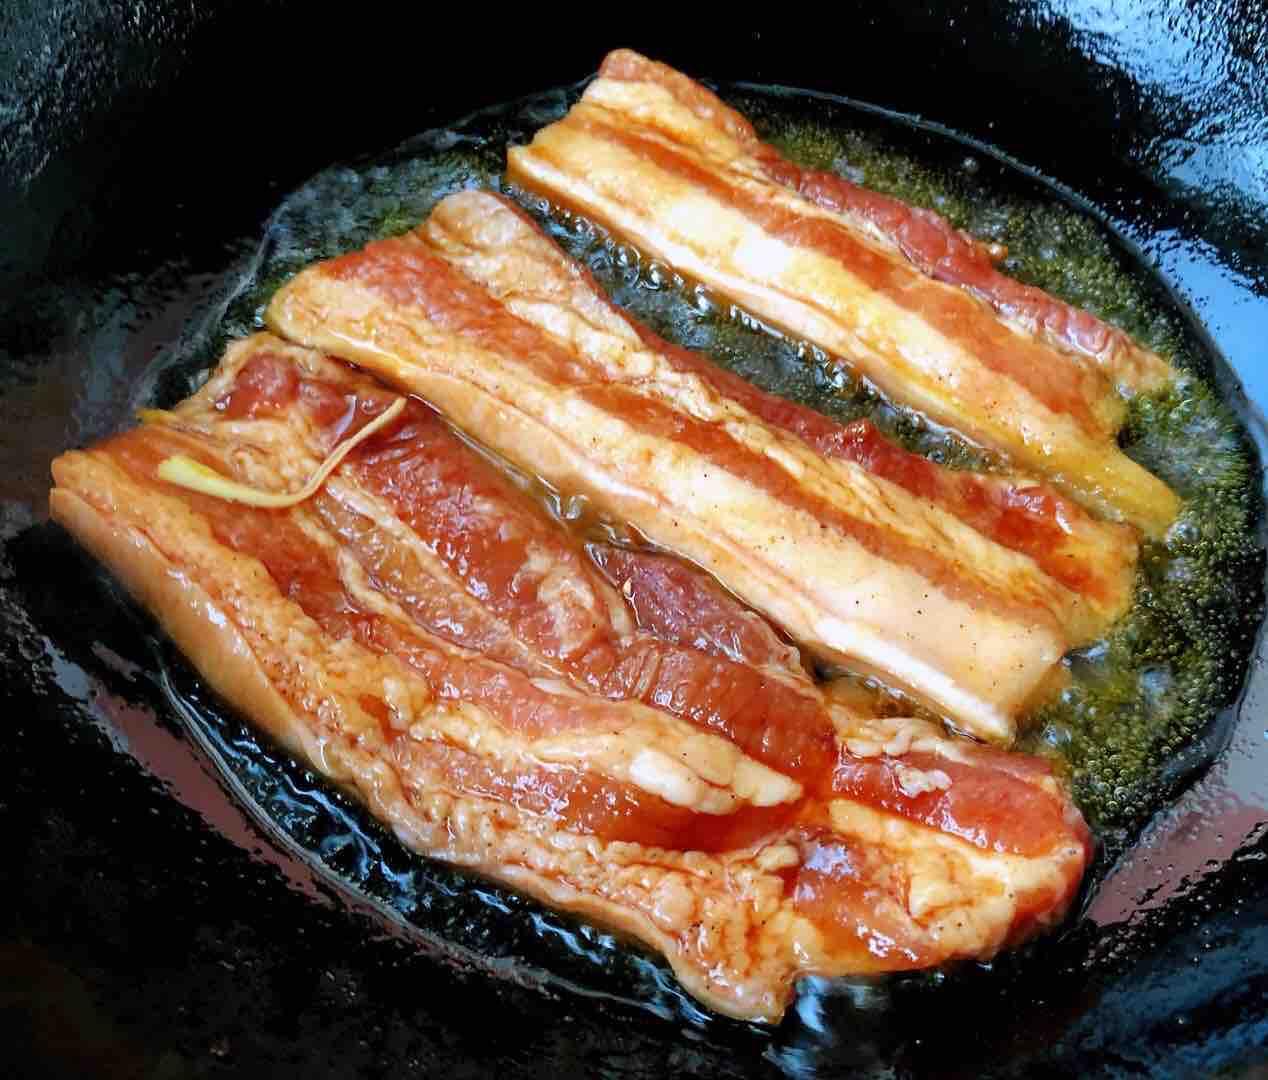 香煎五花肉的步骤